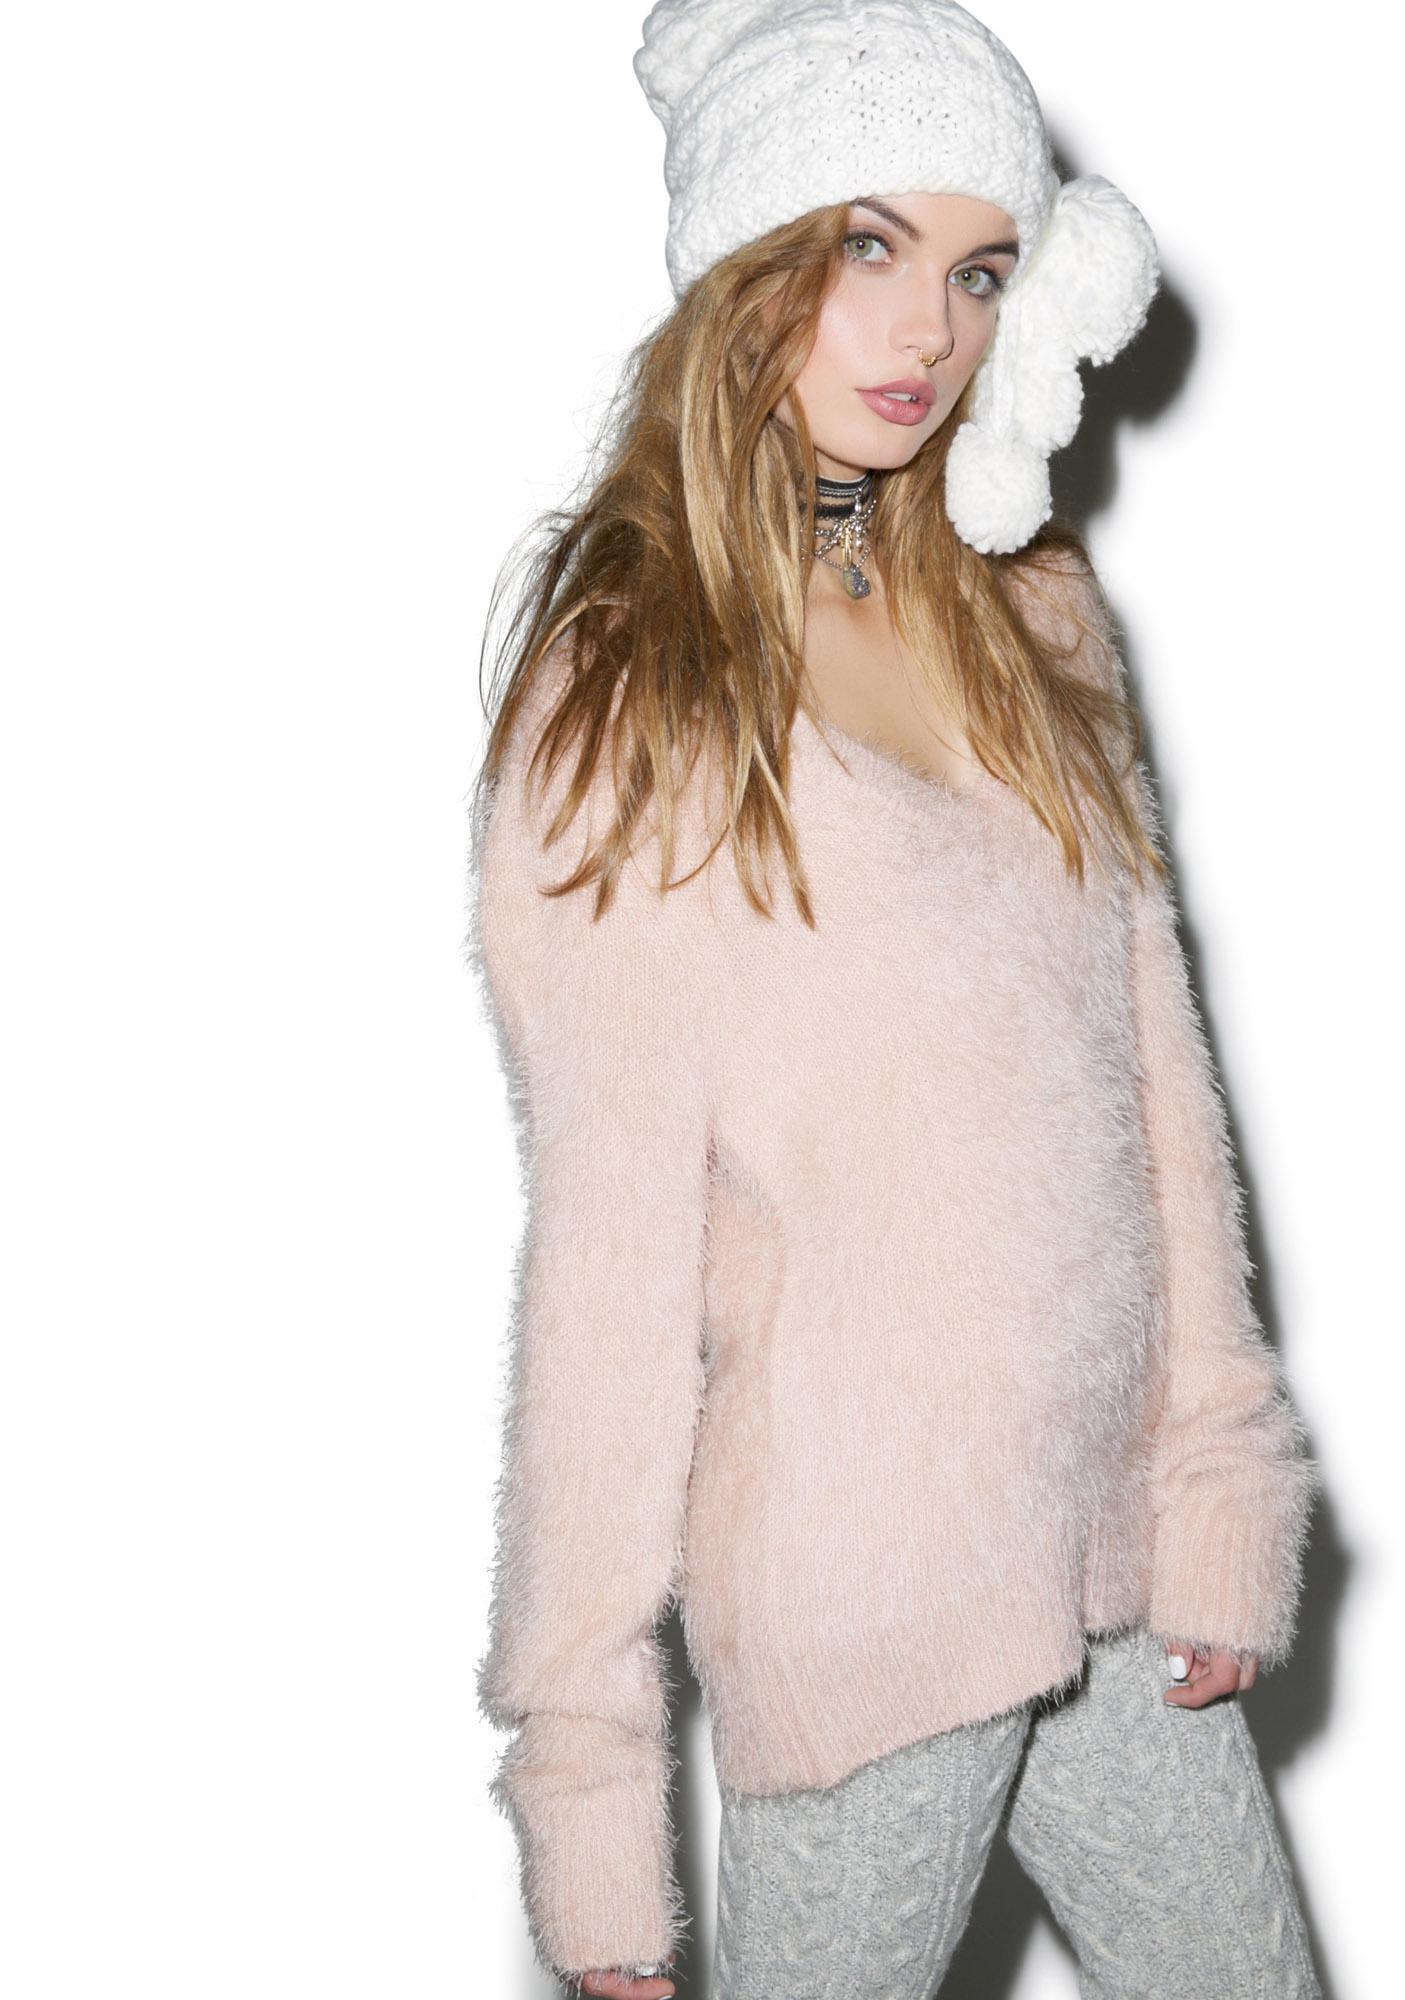 For Love & Lemons Ski Bunny Oversized Sweater